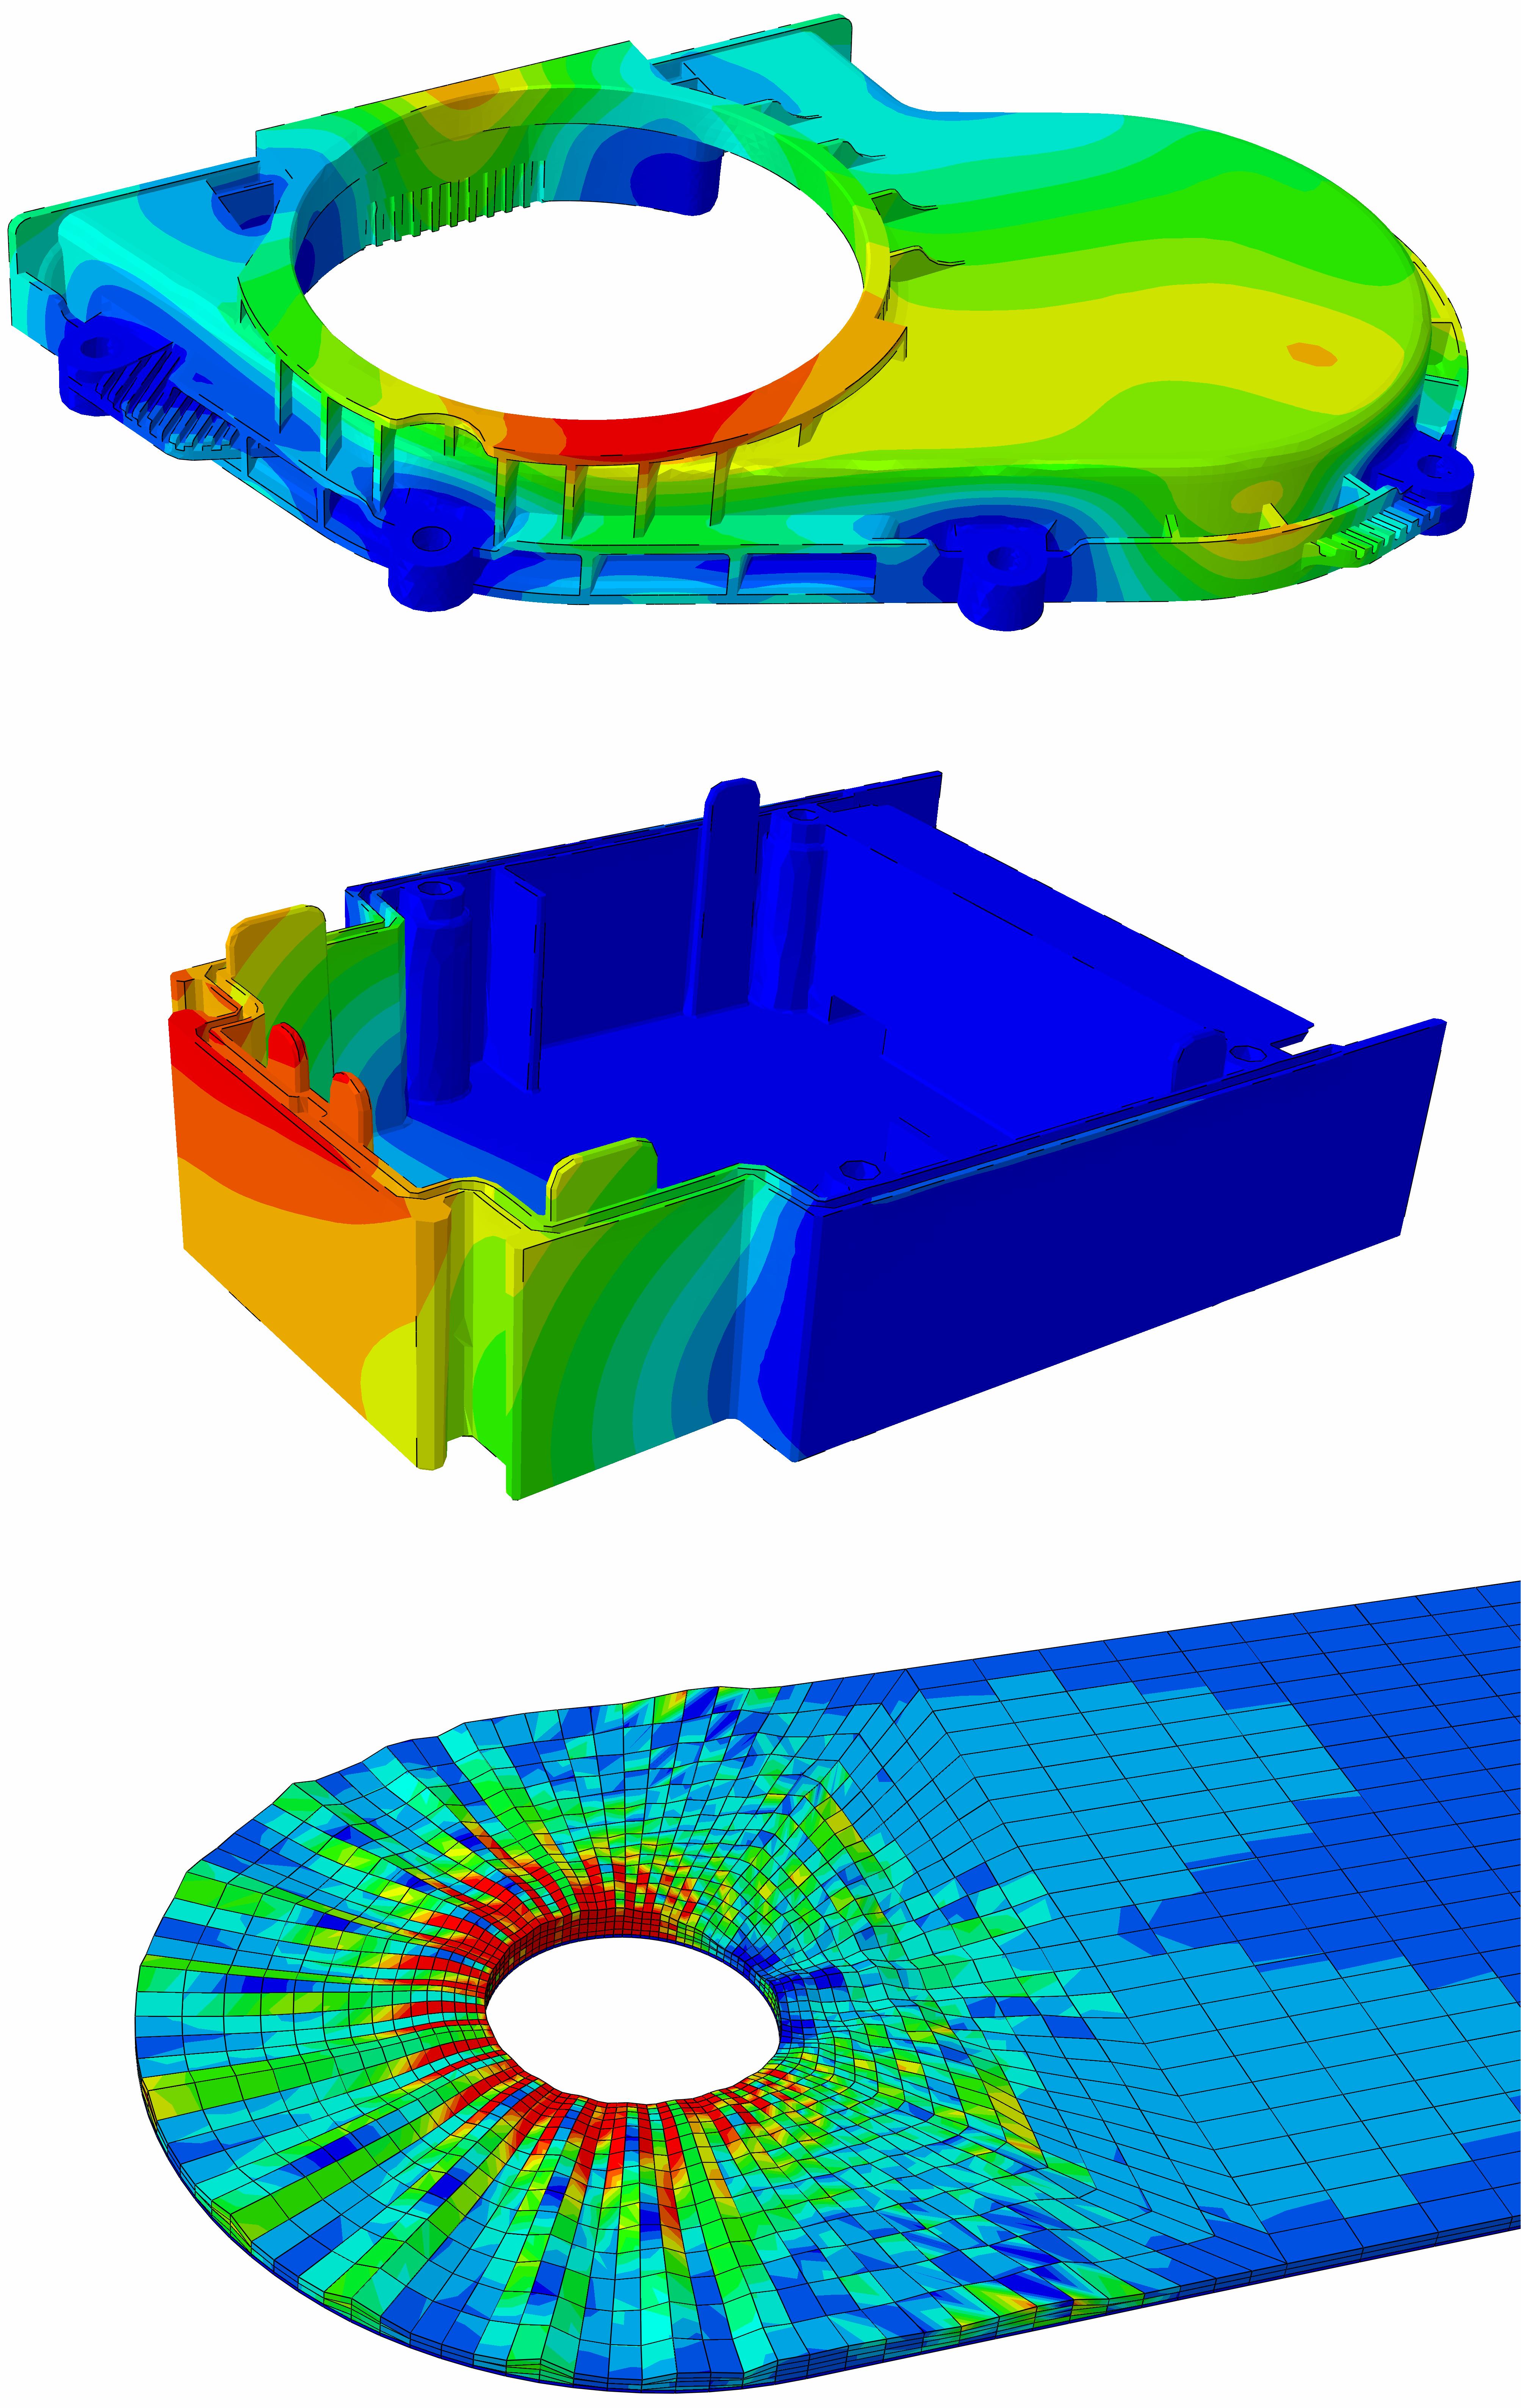 thermomechanische Beanspruchung eines Getriebedeckels / Verzugsanalyse Kunststoffgehäuse / Schädigungsverhalten TFP-Struktur unter Bolzenlast